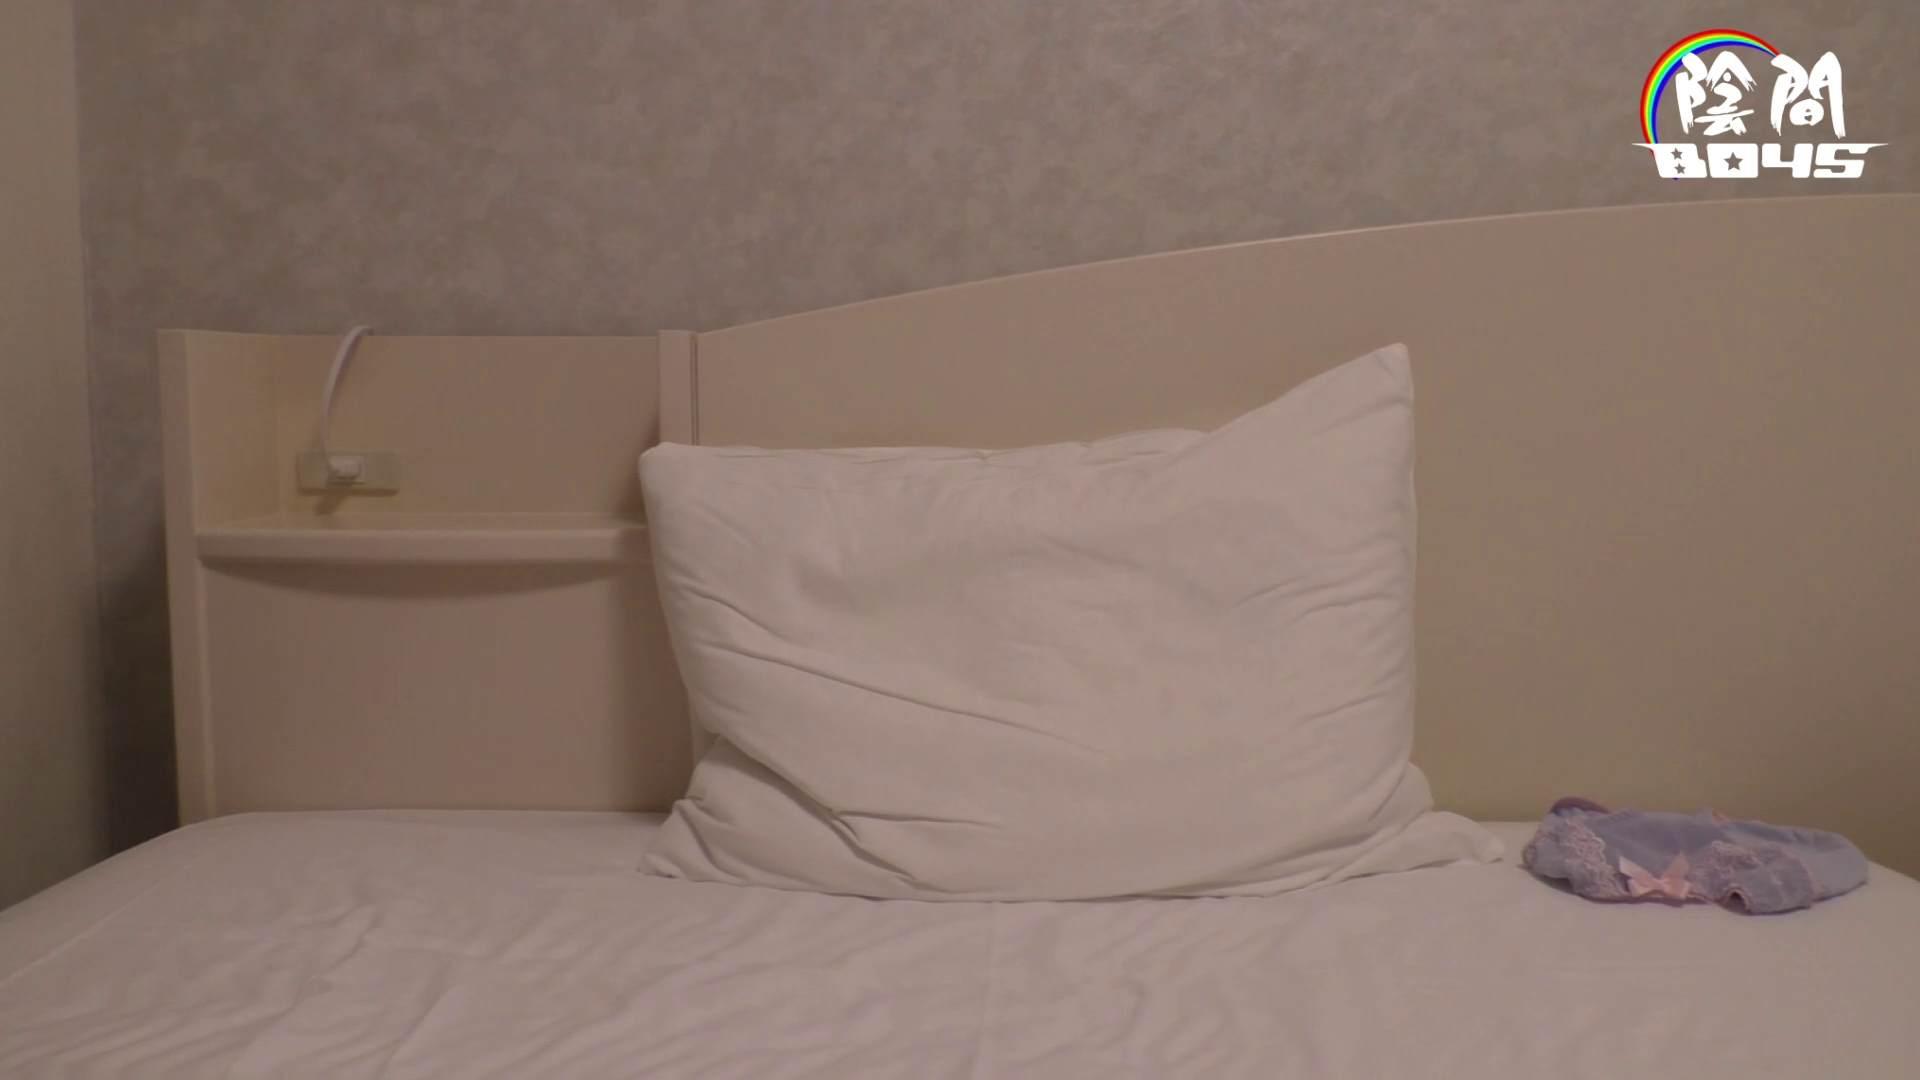 「君のアナルは」part1 ~ノンケの掟破り~Vol.06 手コキ AV動画 62枚 47